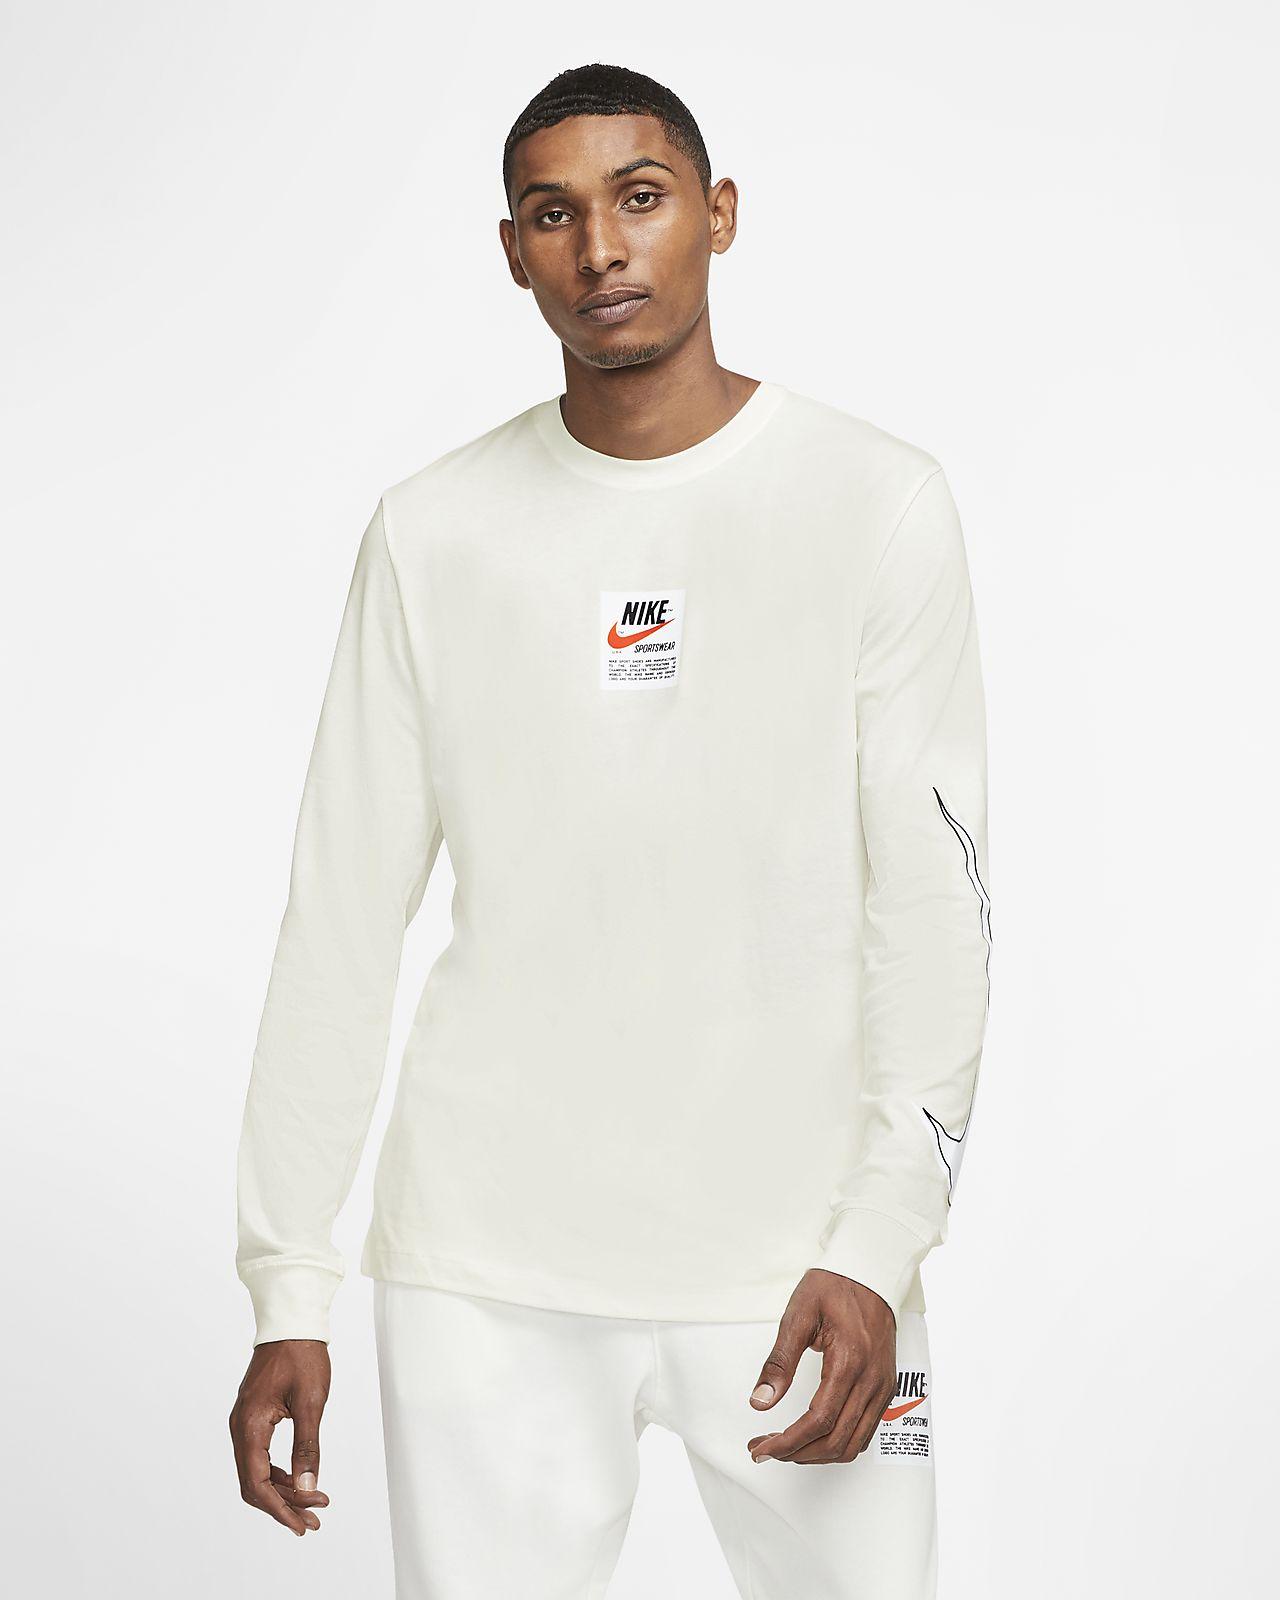 Långärmad tröja Nike Sportswear Printed för män